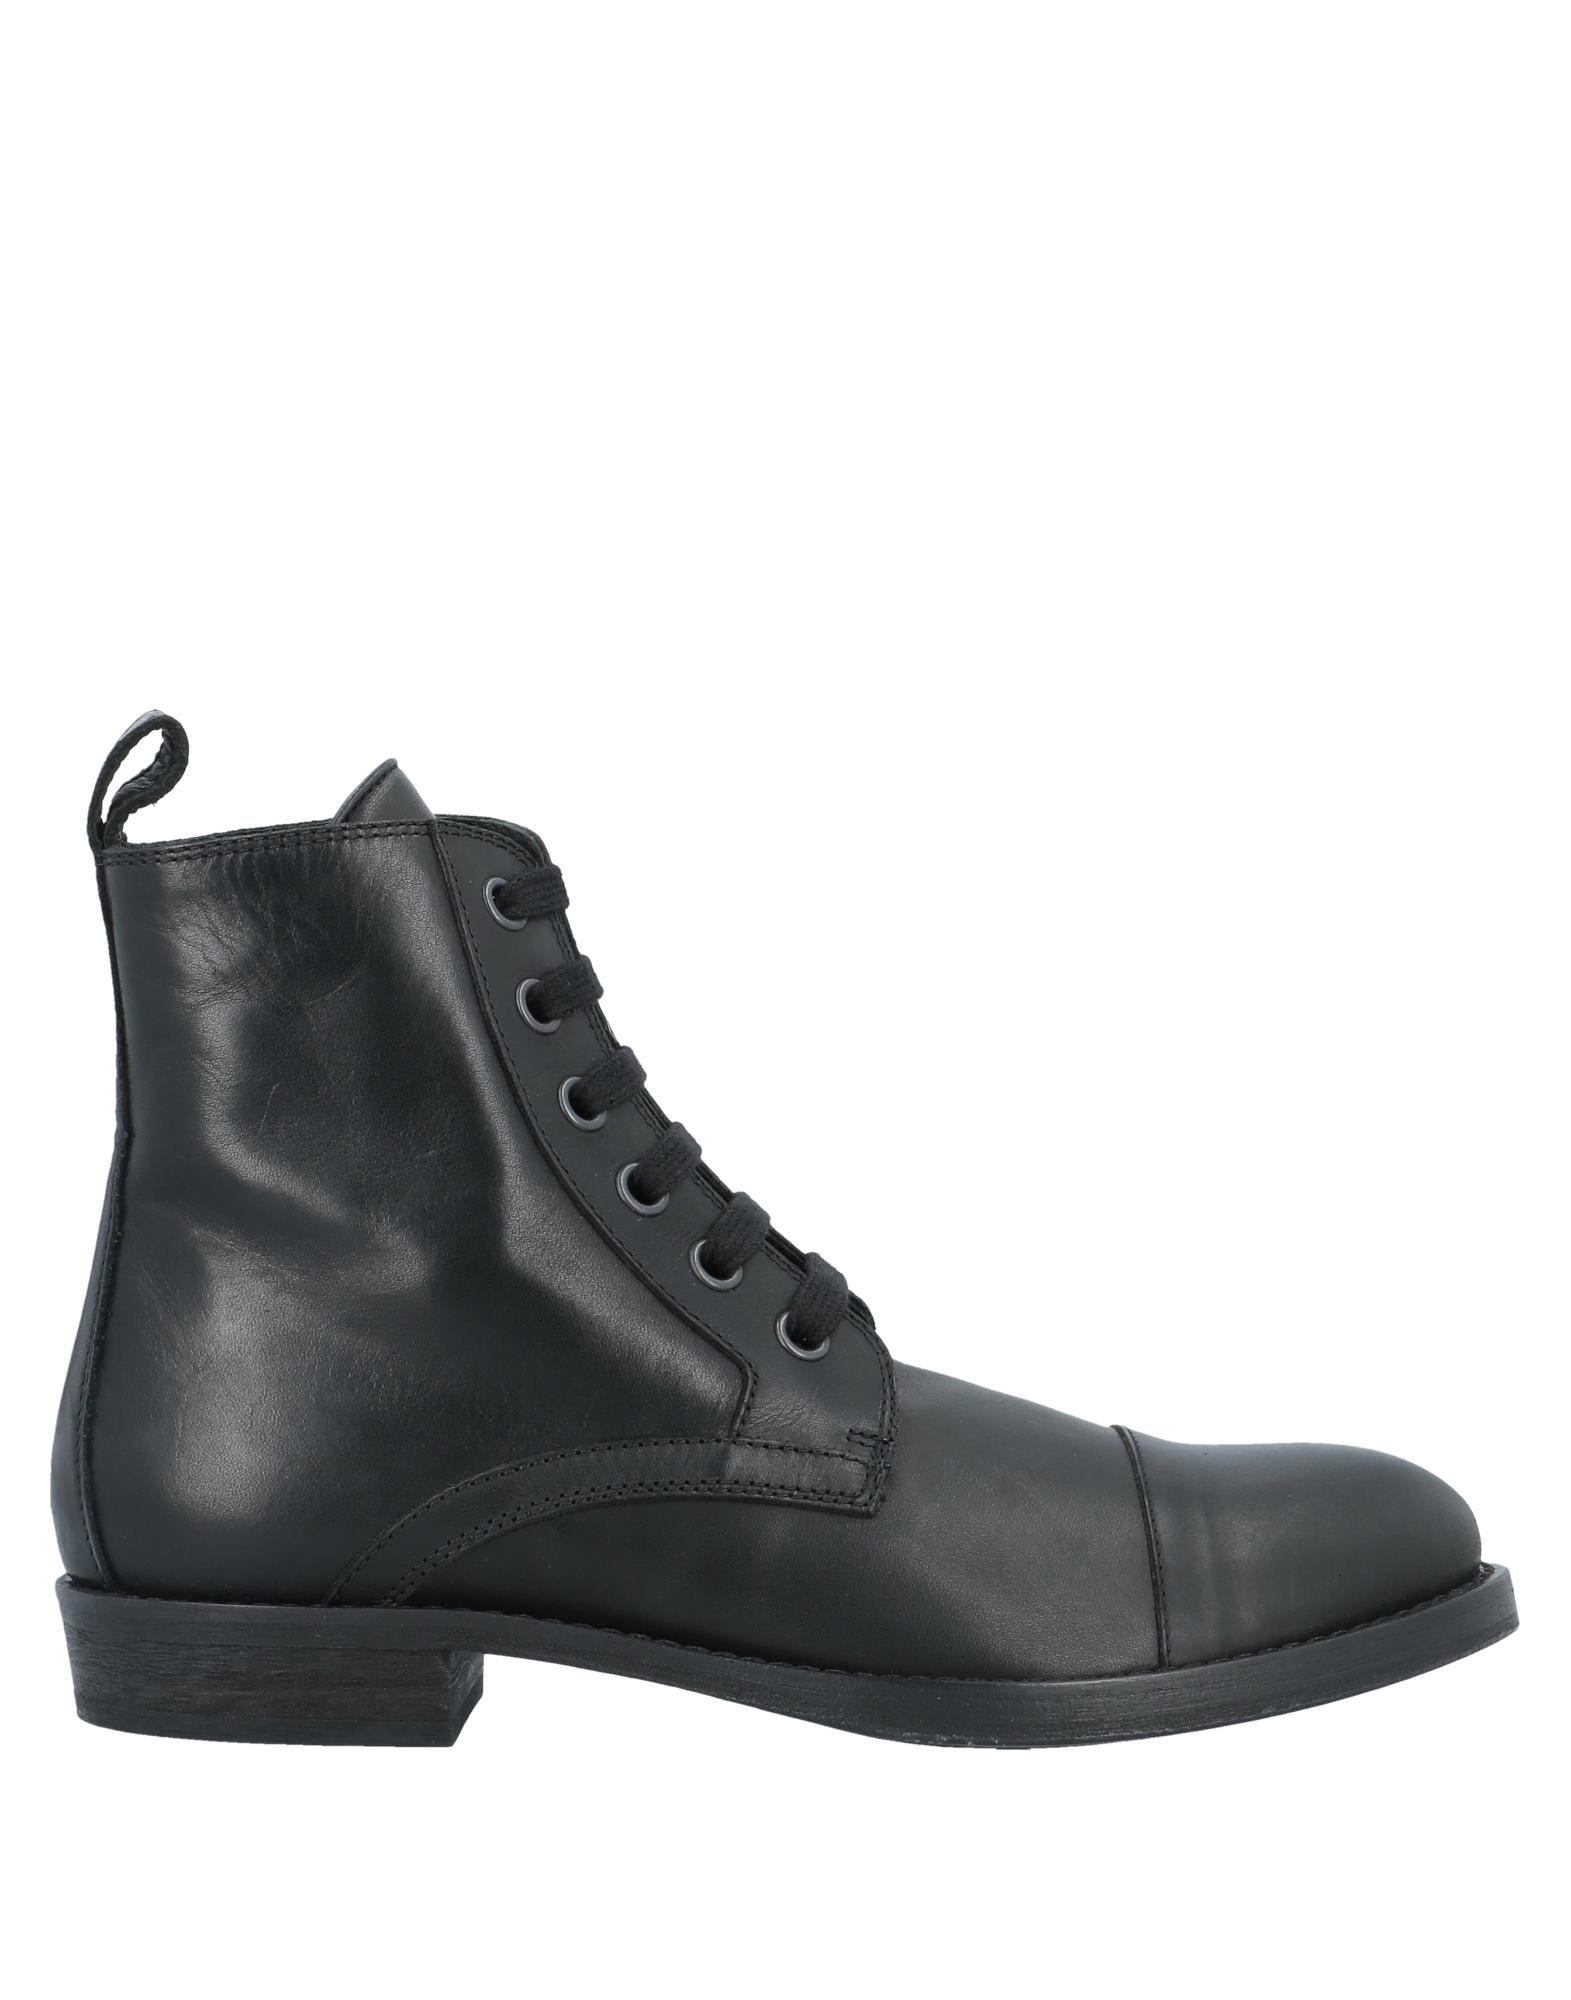 ANN DEMEULEMEESTER Полусапоги и высокие ботинки цены онлайн